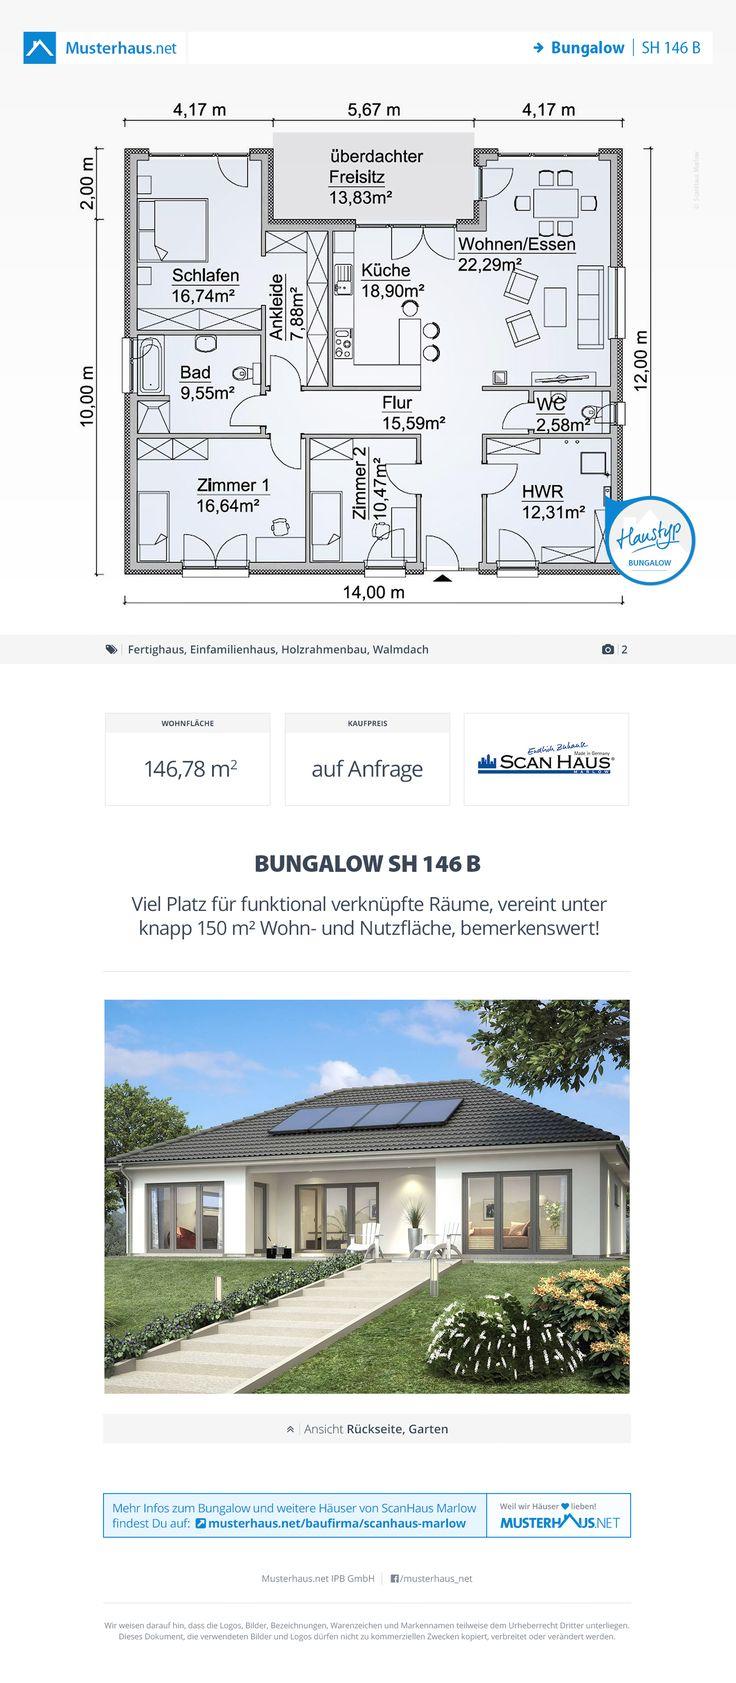 Bungalow grundriss 14678 m² offene küche walmdach